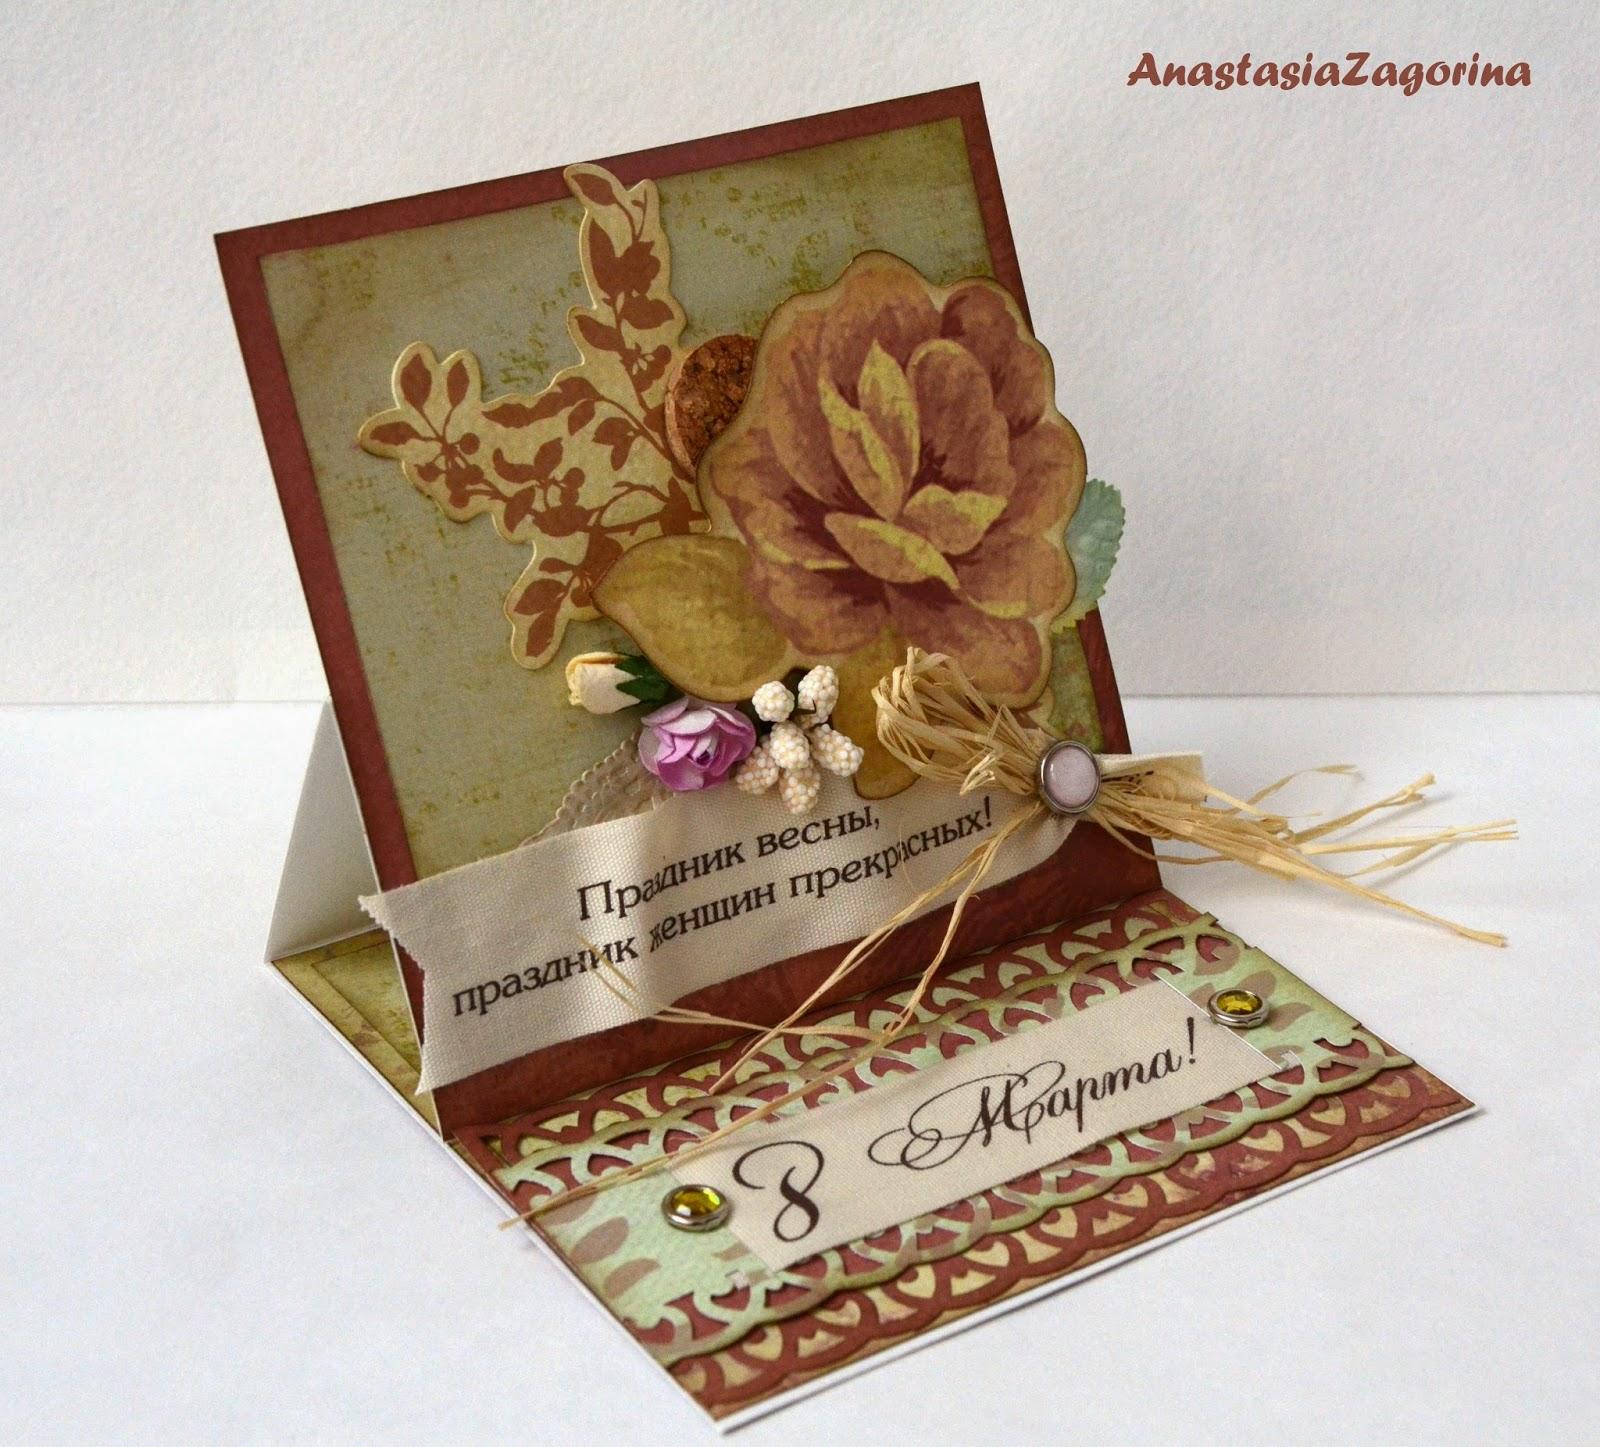 Ставрополь подарки из дерева на Ставрополь сувениры, подарки - Малахитовая шкатулка